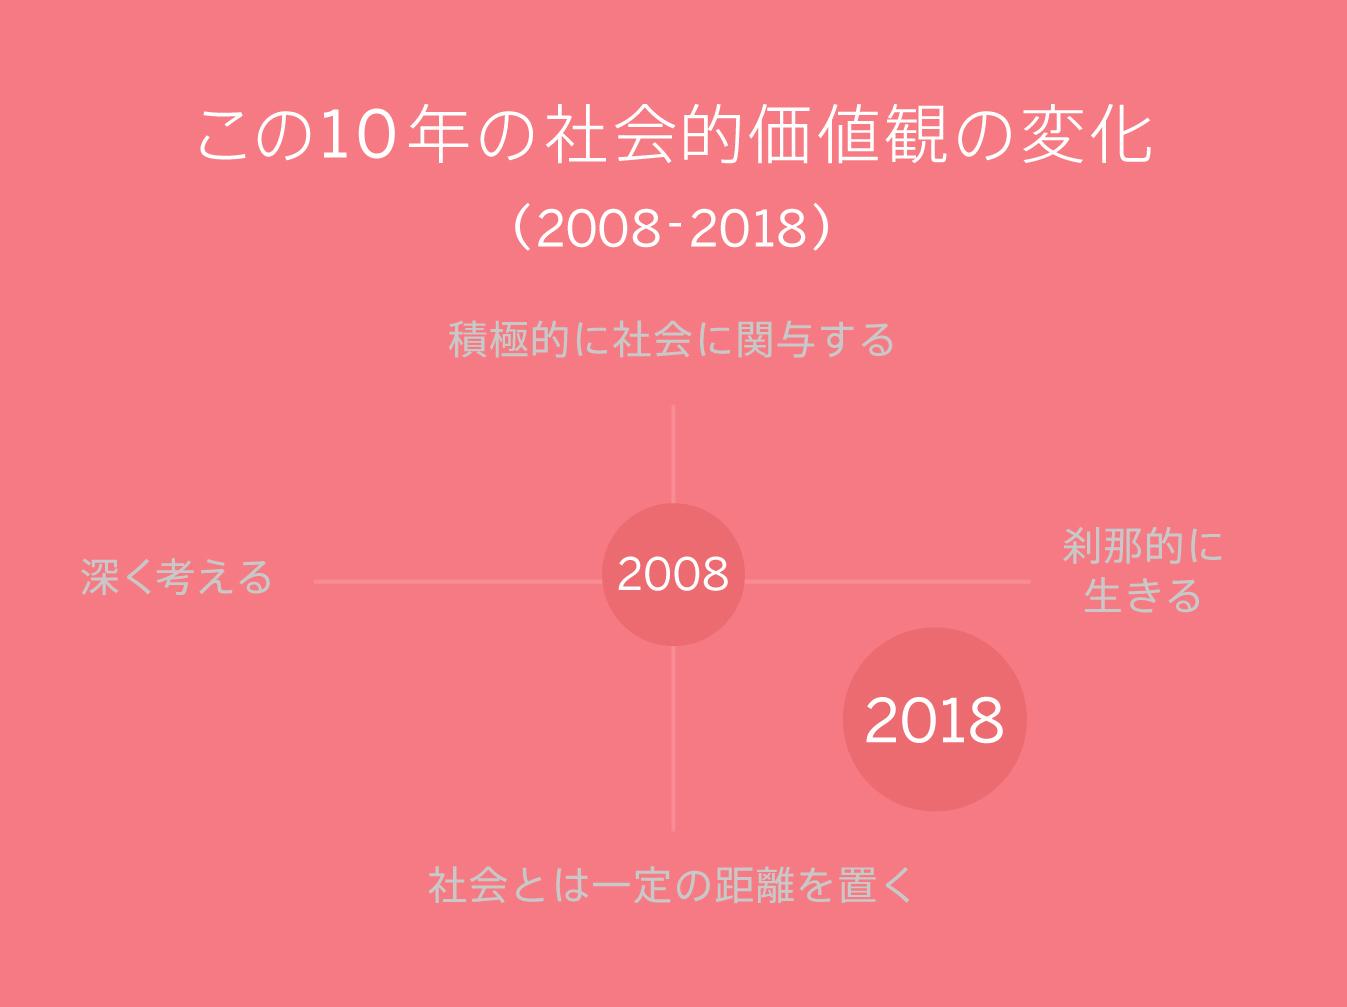 観 価値 コロナ危機を経て変化した日本の価値観